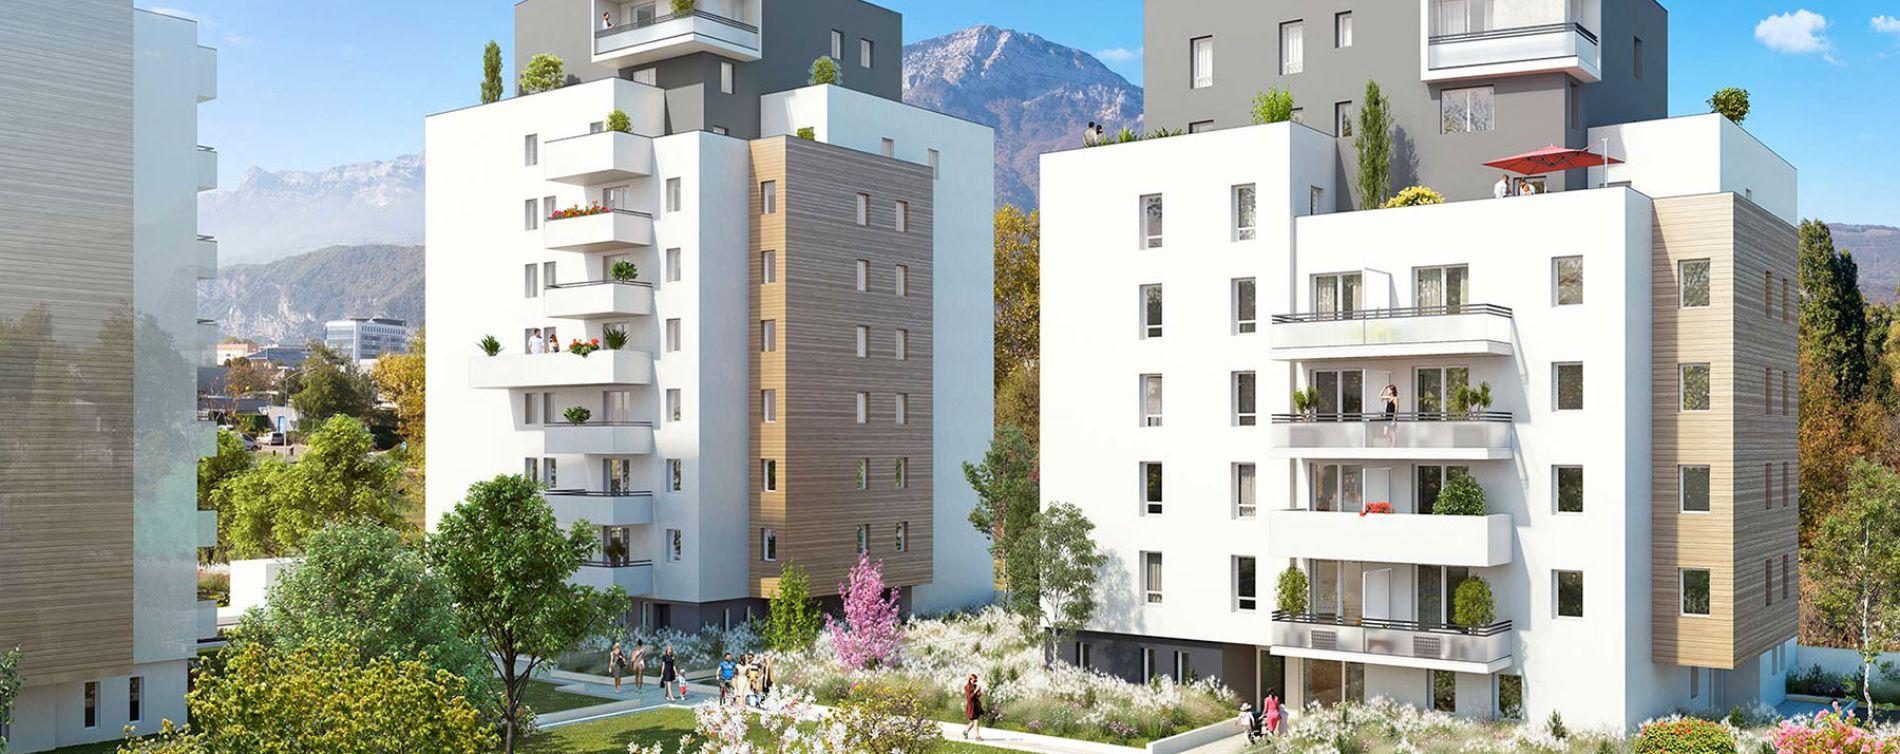 Résidence Park en Scène à Grenoble